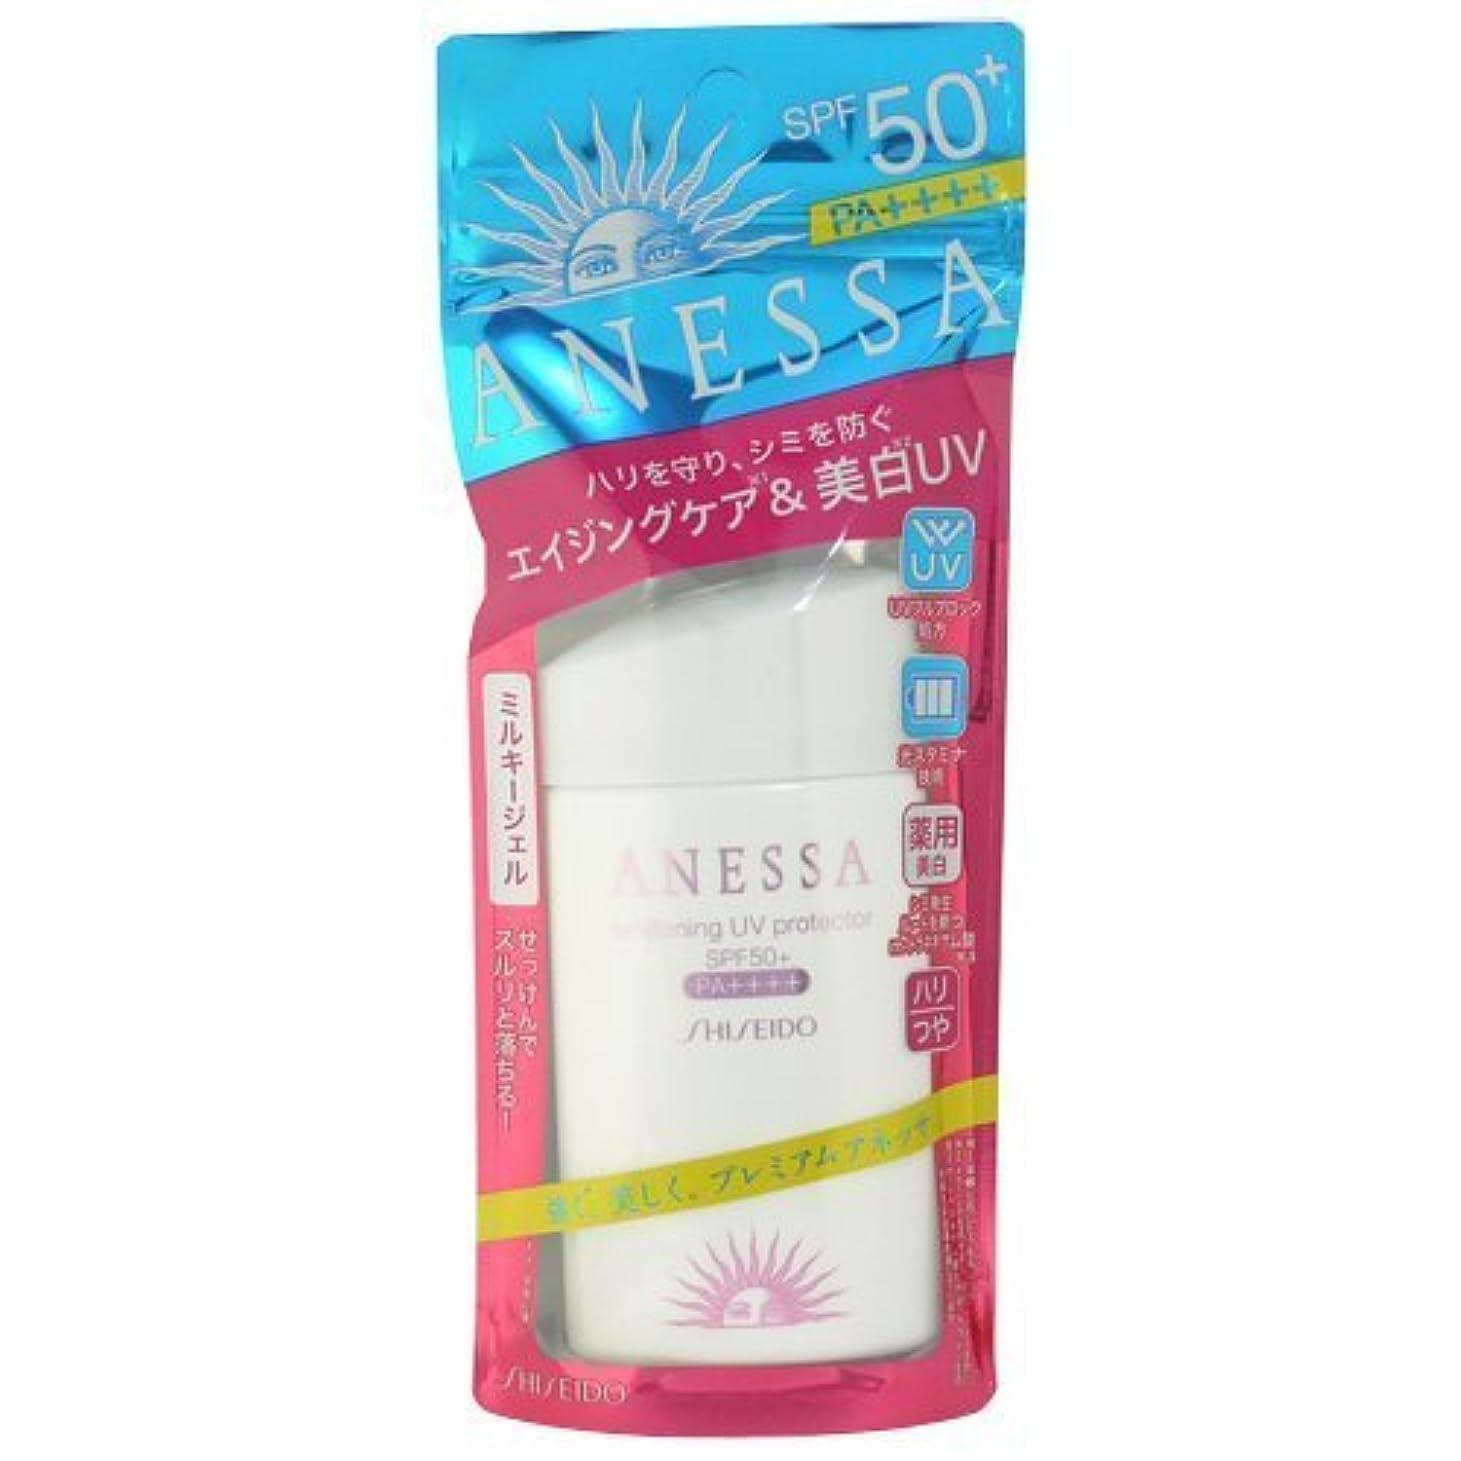 目立つペルセウスペレットアネッサ 美白UVプロテクターA+ 60ml